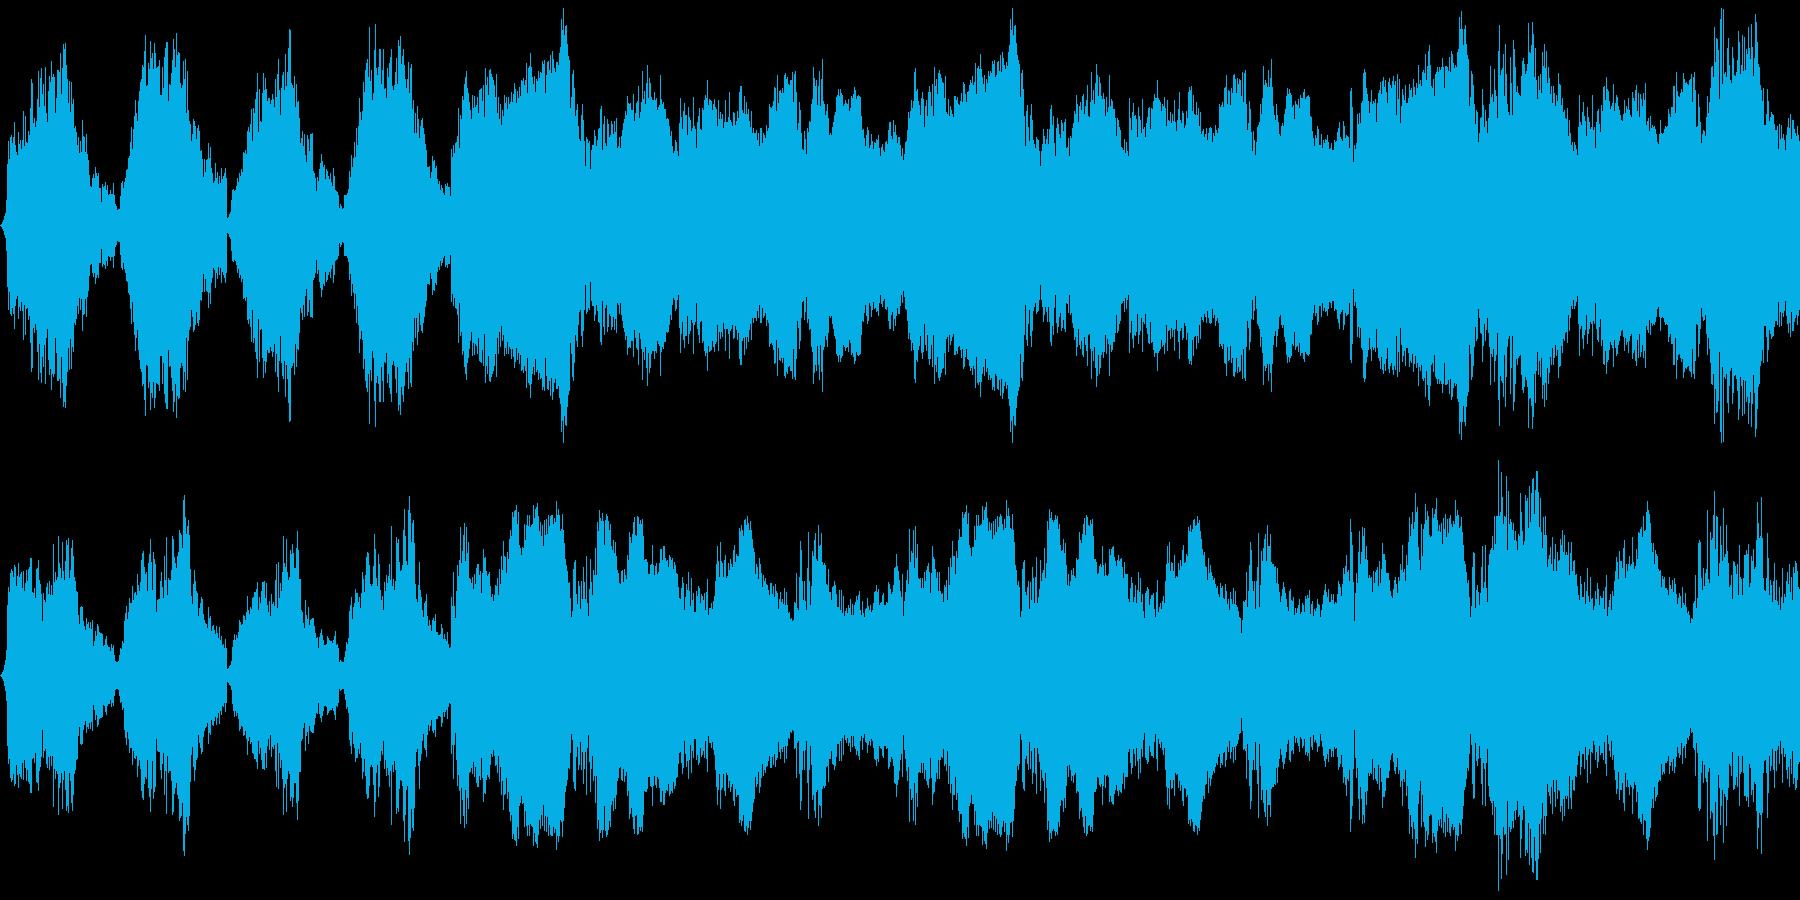 【ダークファンタジー/オープニング】の再生済みの波形